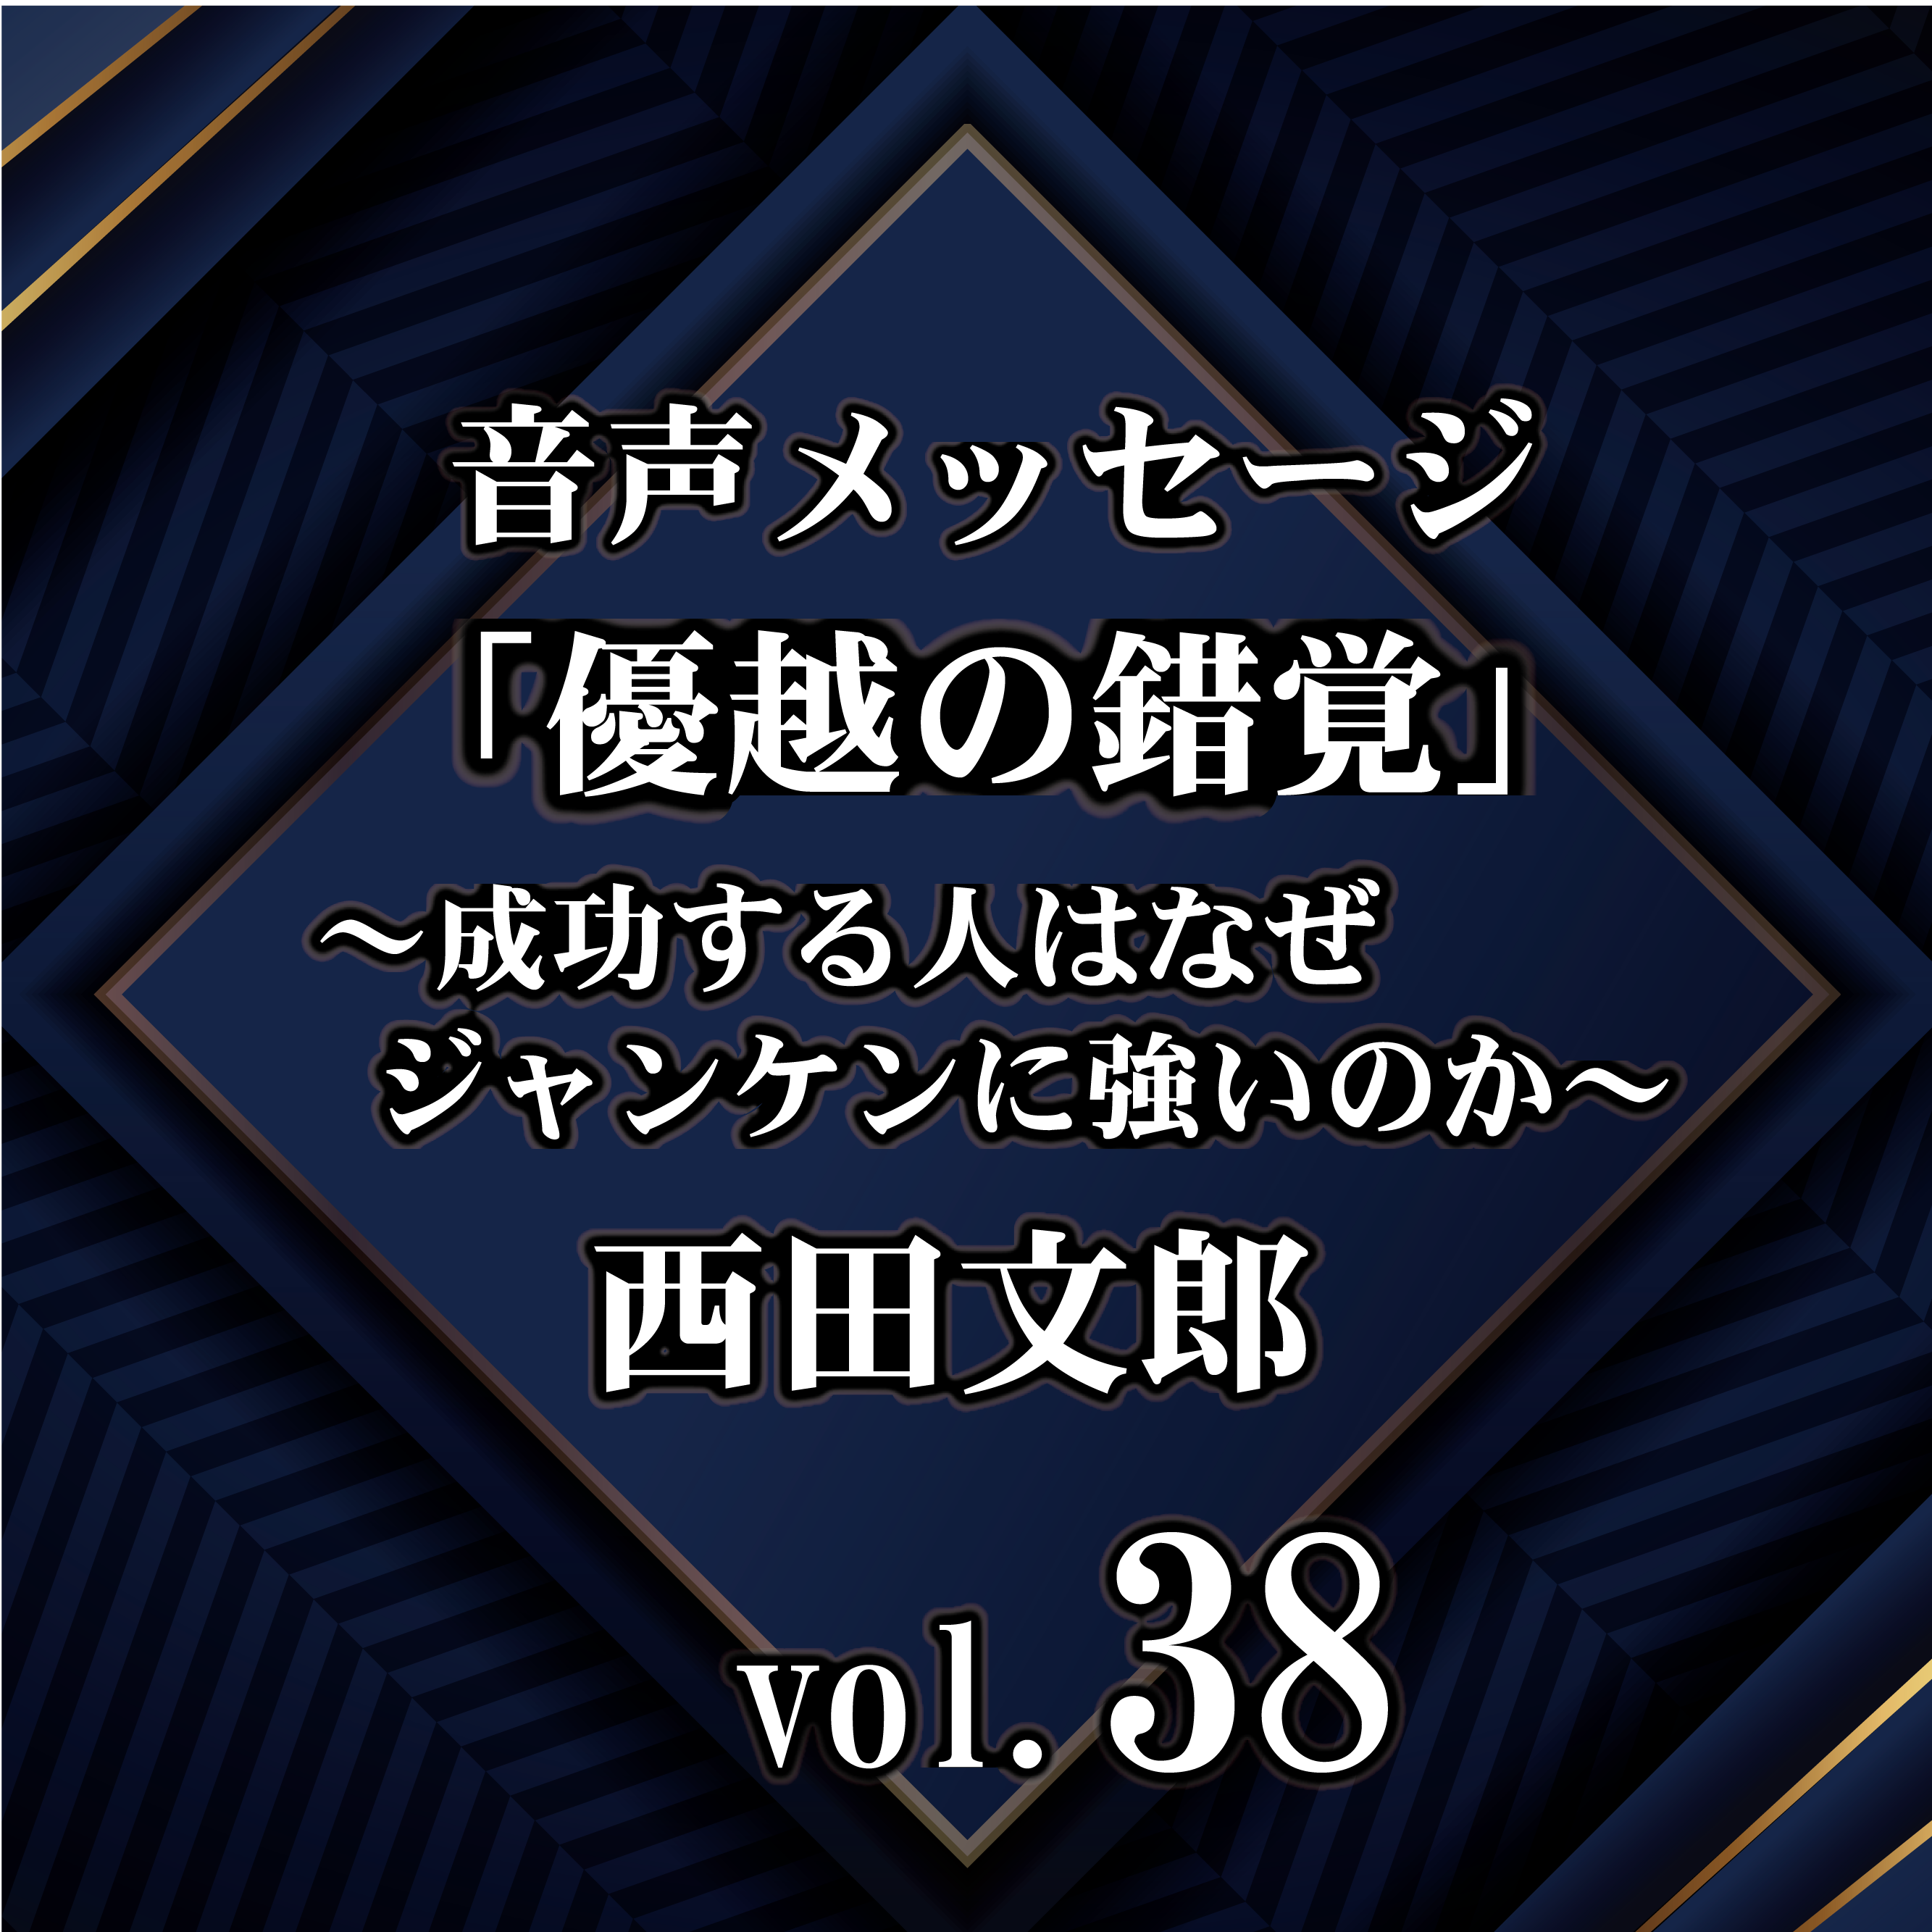 西田文郎 音声メッセージvol.38『優越の錯覚〜成功する人はなぜジャンケンに強いのか〜』